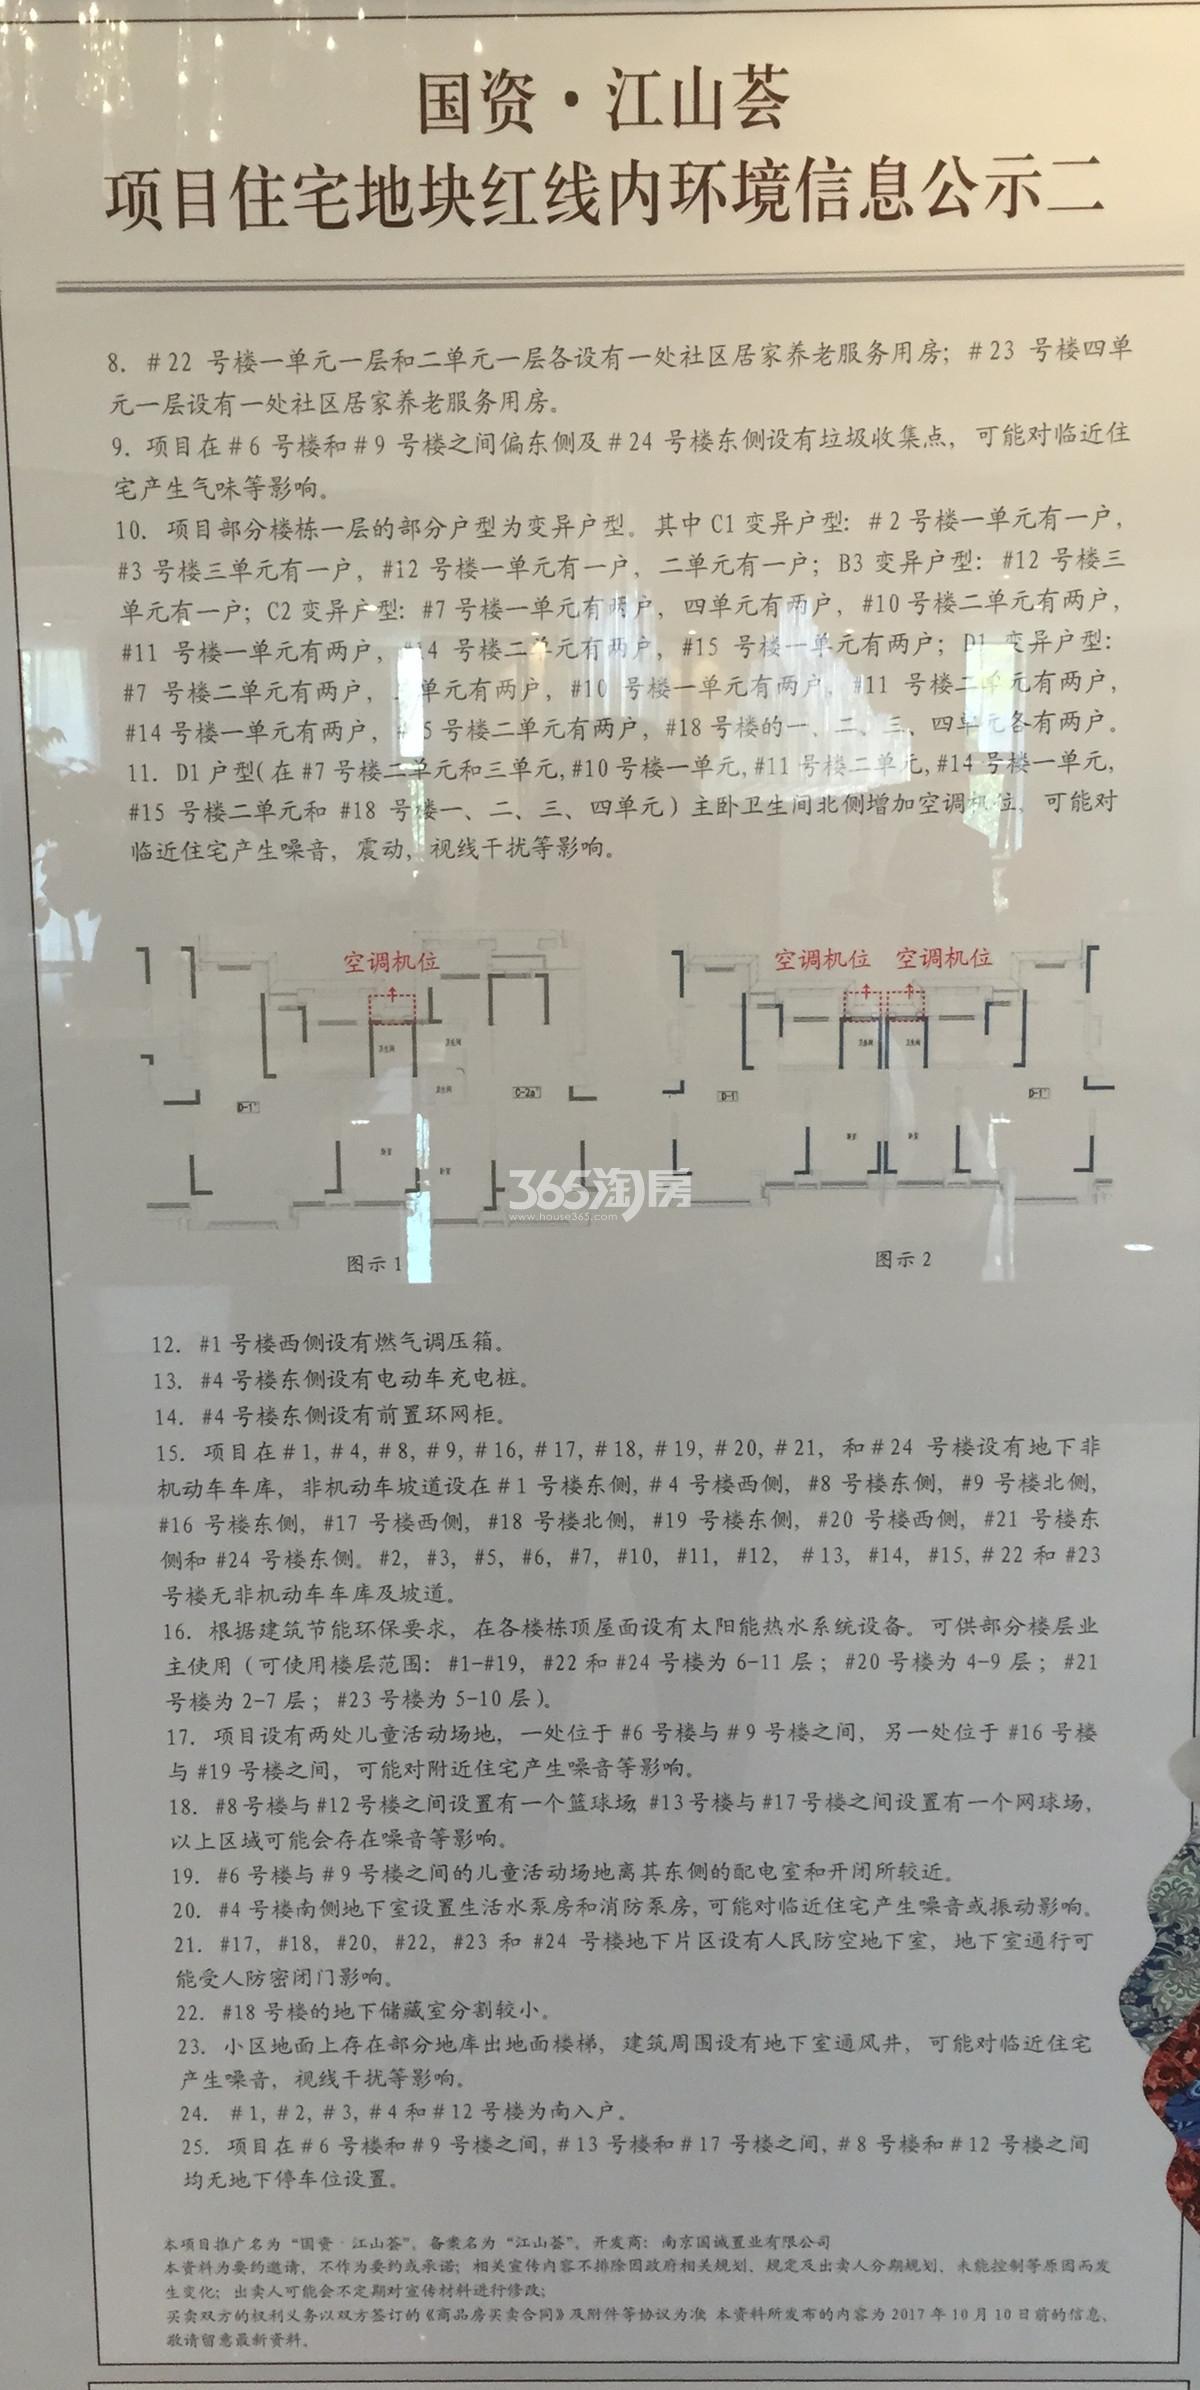 江山薈不利因素2